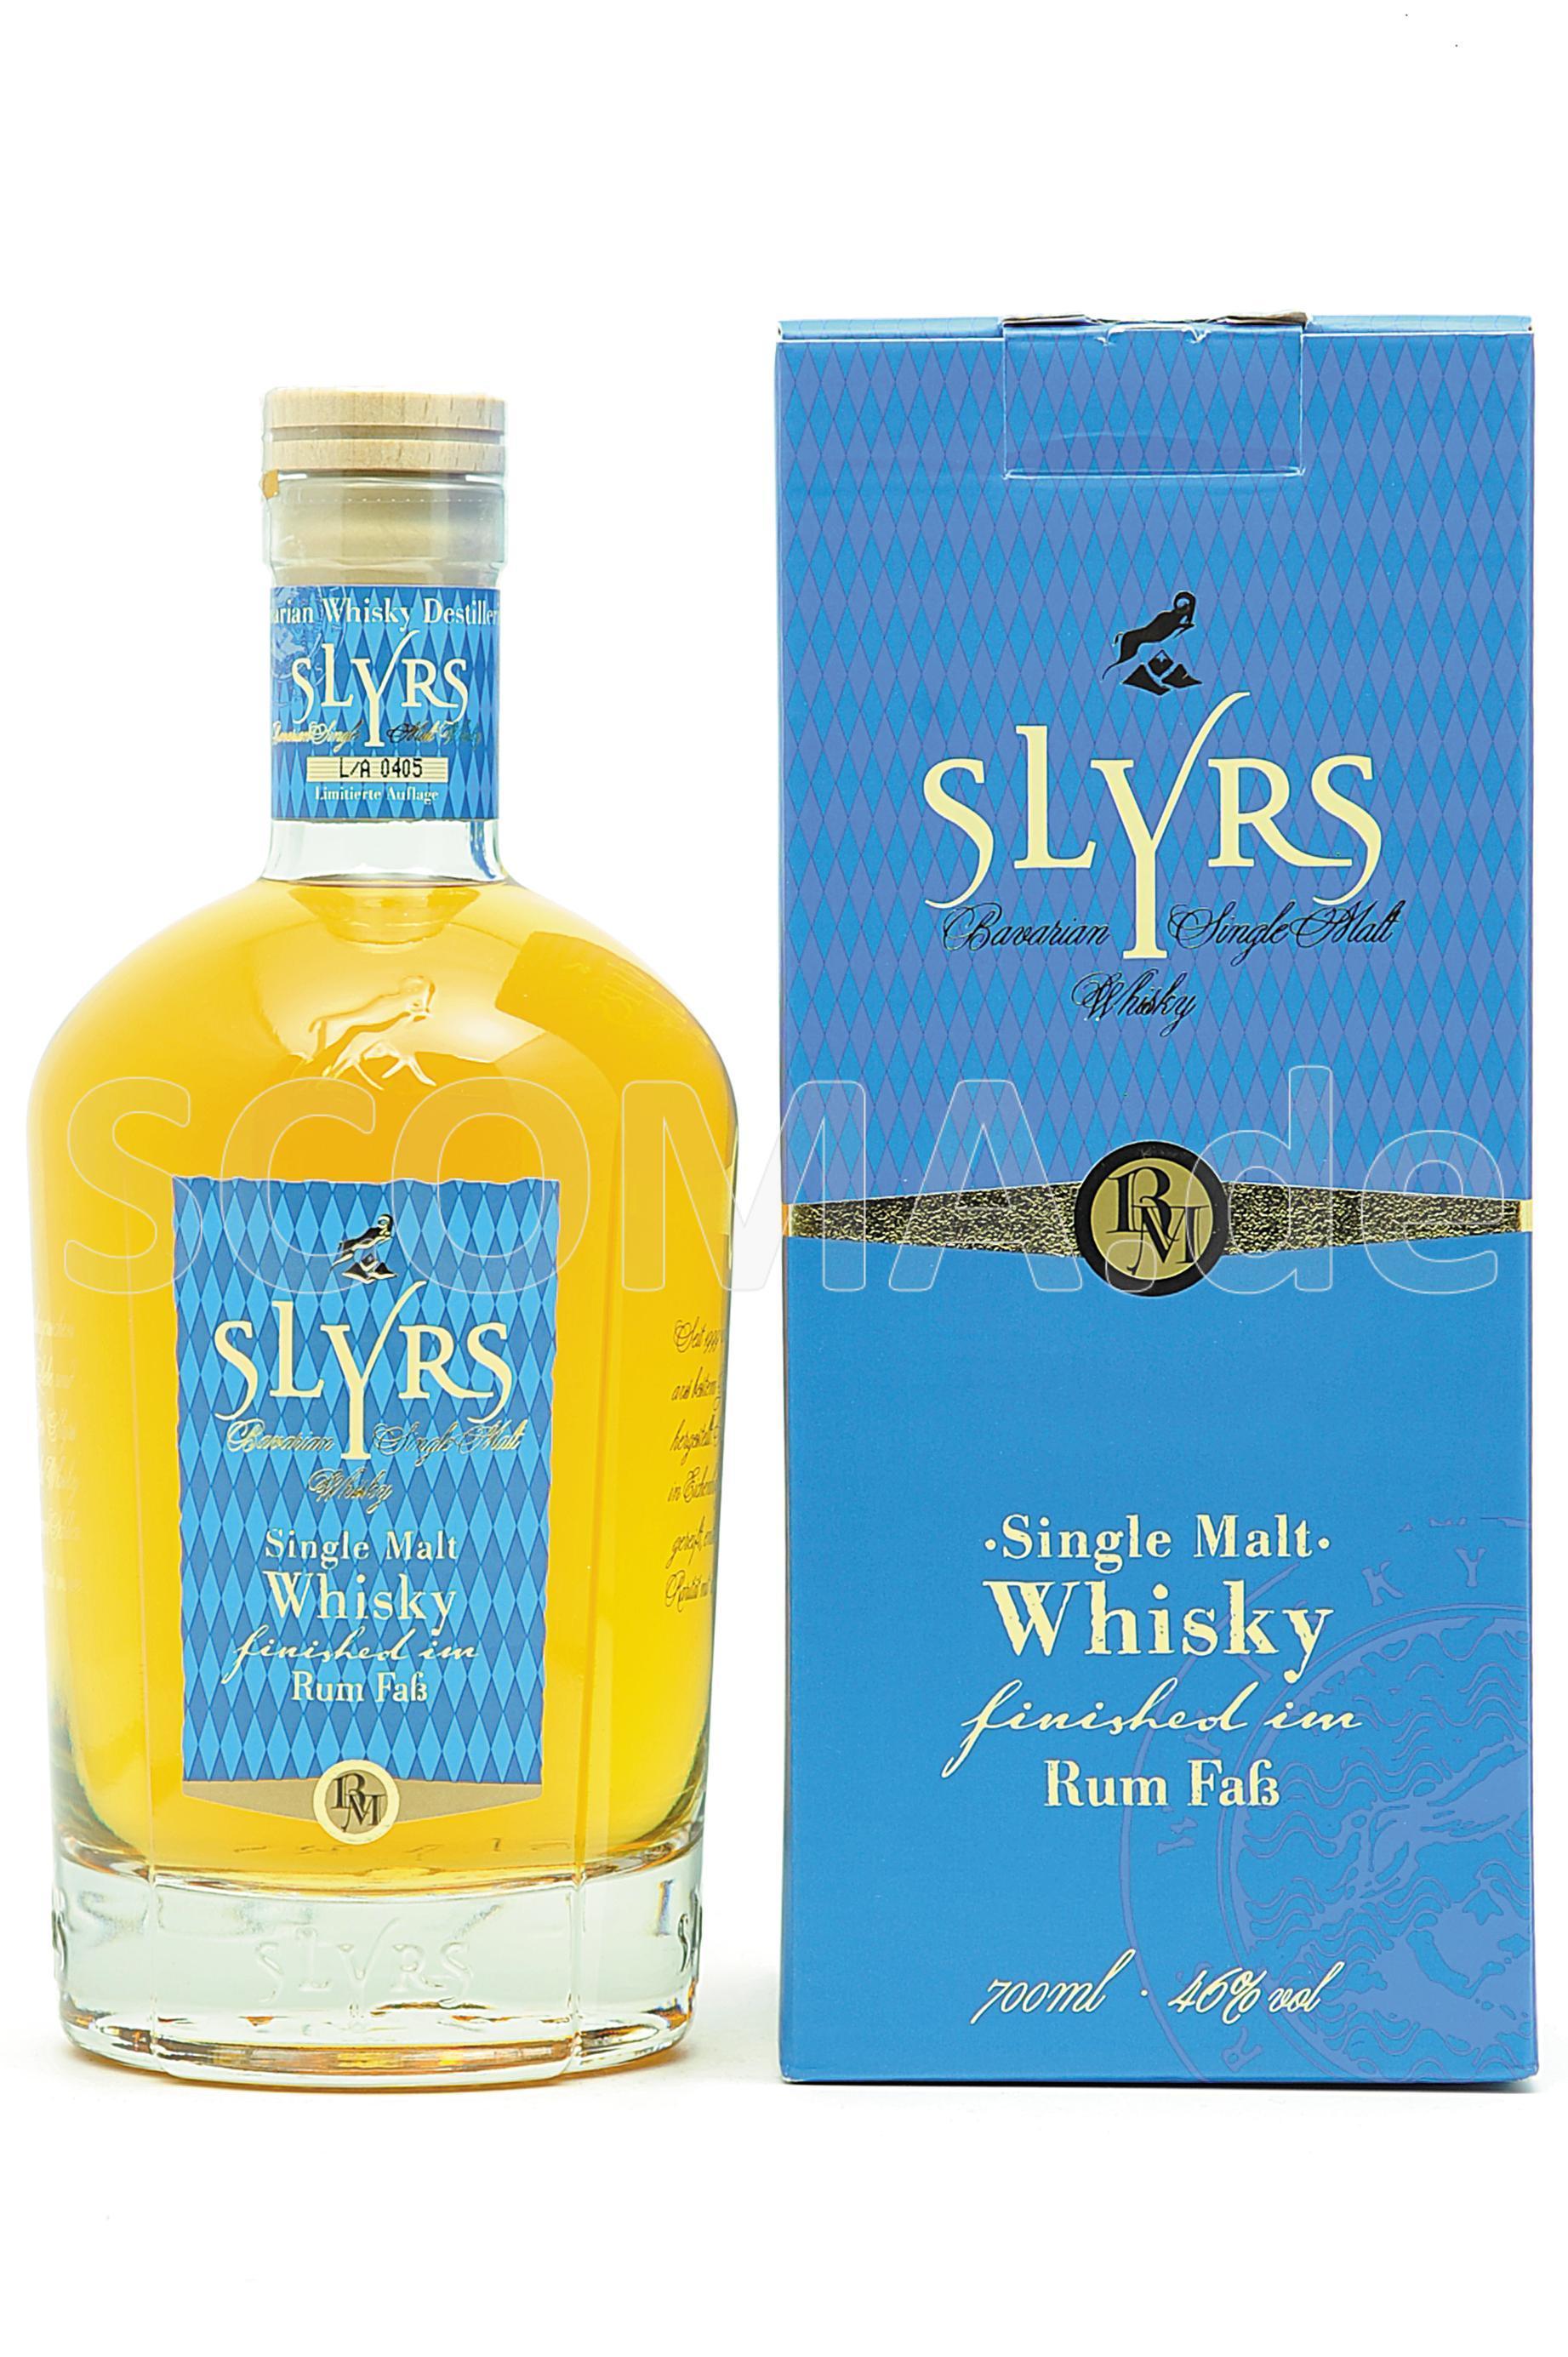 Slyrs Rum Cask Finish